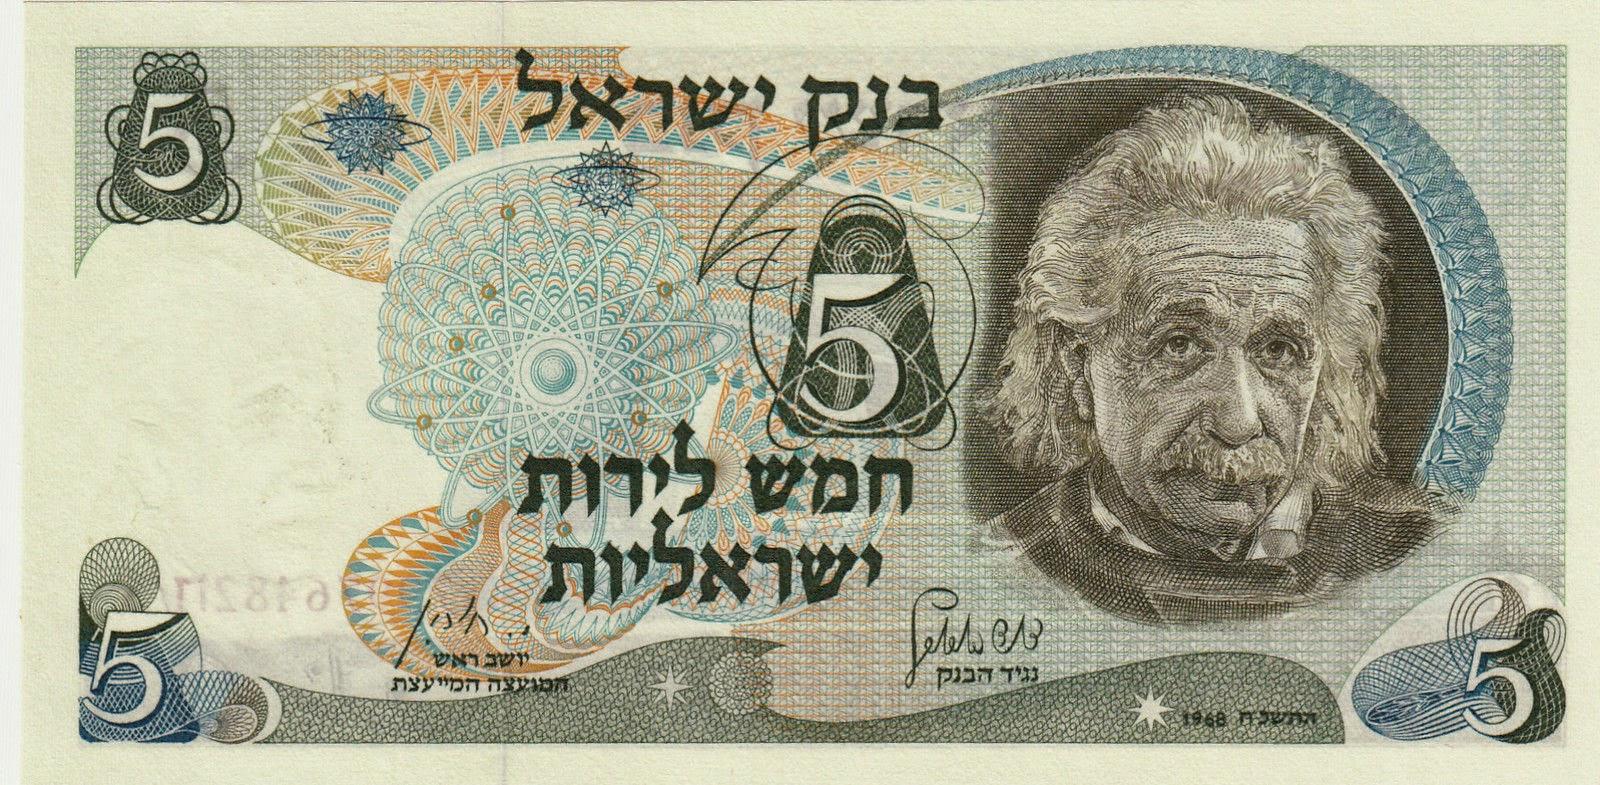 Israel Banknotes 5 Israeli Pounds 1968 Albert Einstein